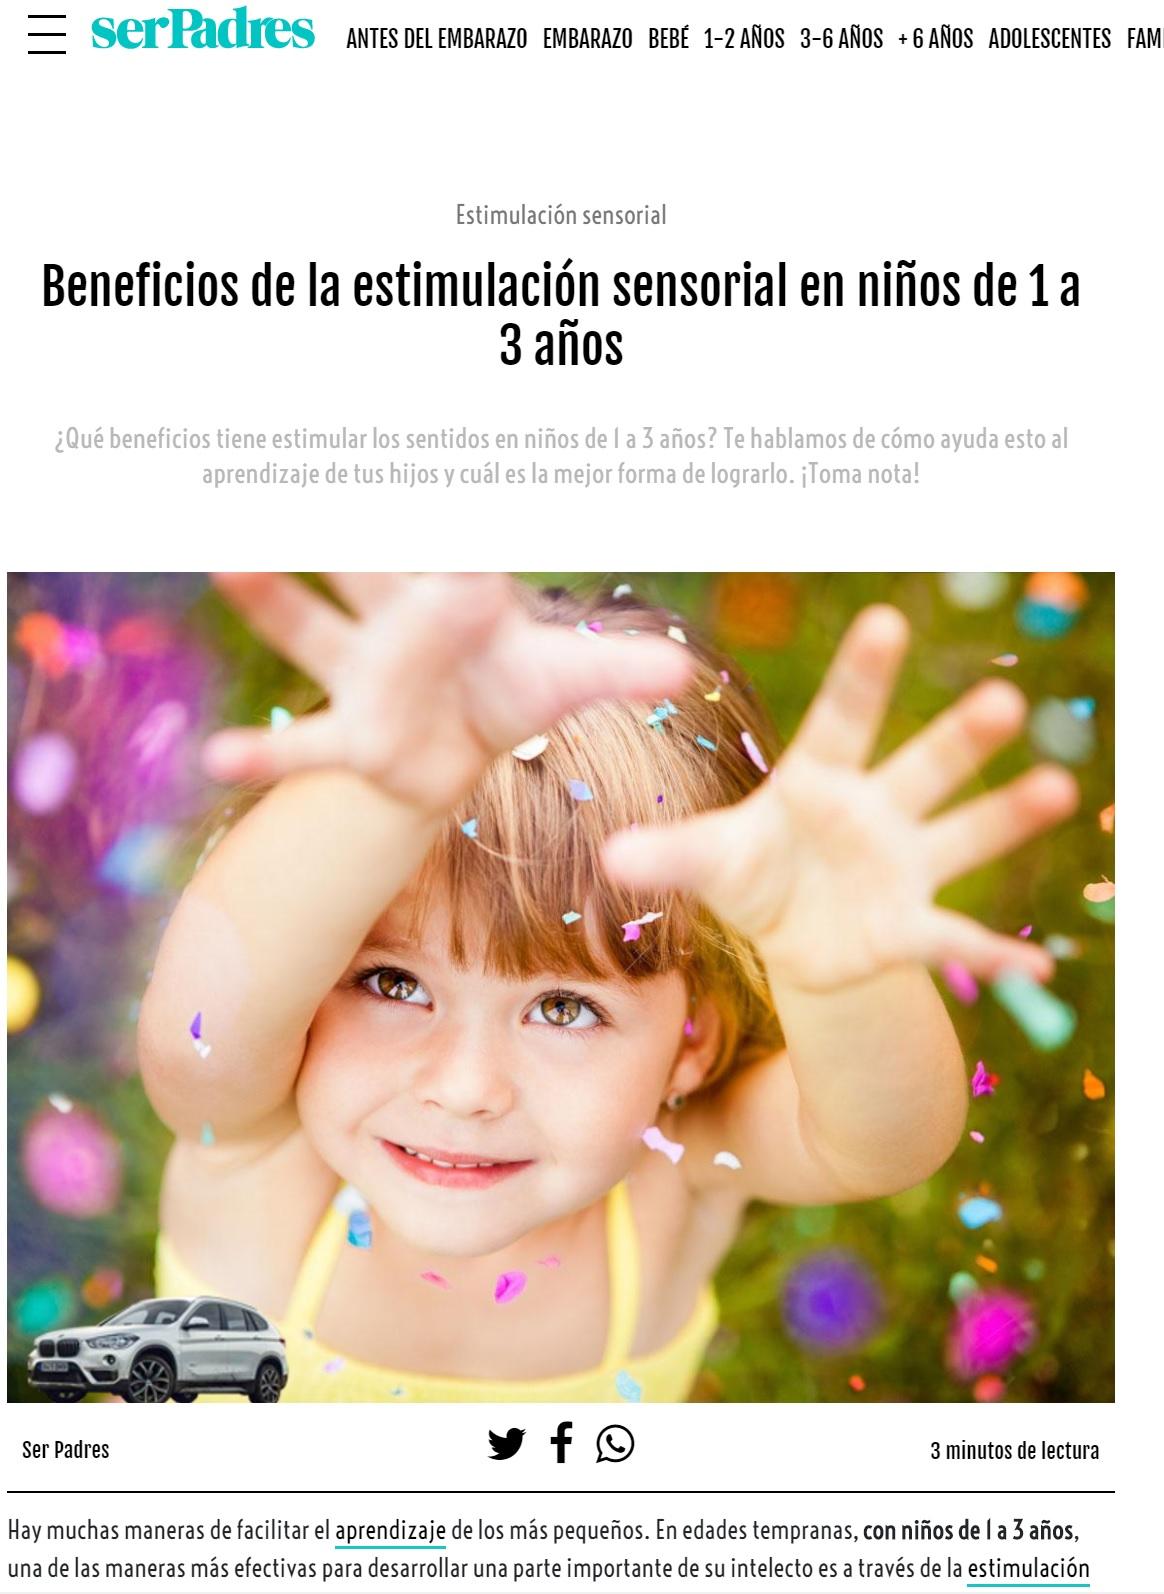 Benificios estimulación sensorial en Ser Padres - Nemomarlin Escuelas Infantiles